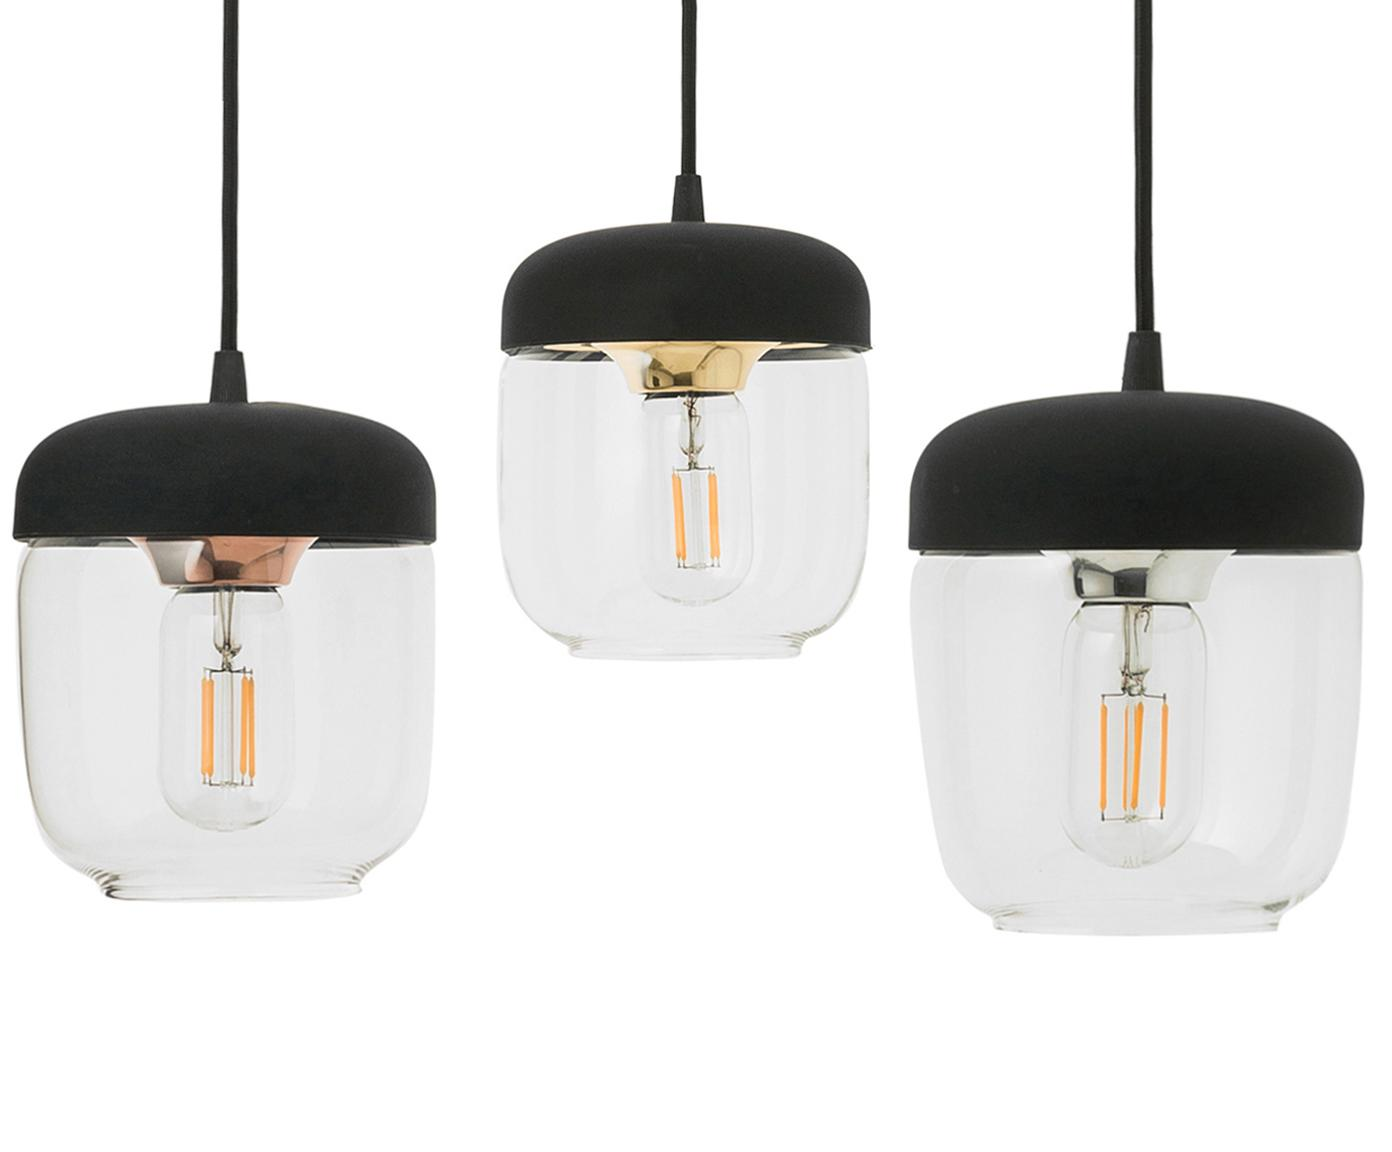 Lámpara de techo Cannonball Acorn, Anclaje: silicona, Cable: cubierto en tela, Negro, dorado, Ajustable individualmente hasta 2,5 m de altura de suspensión